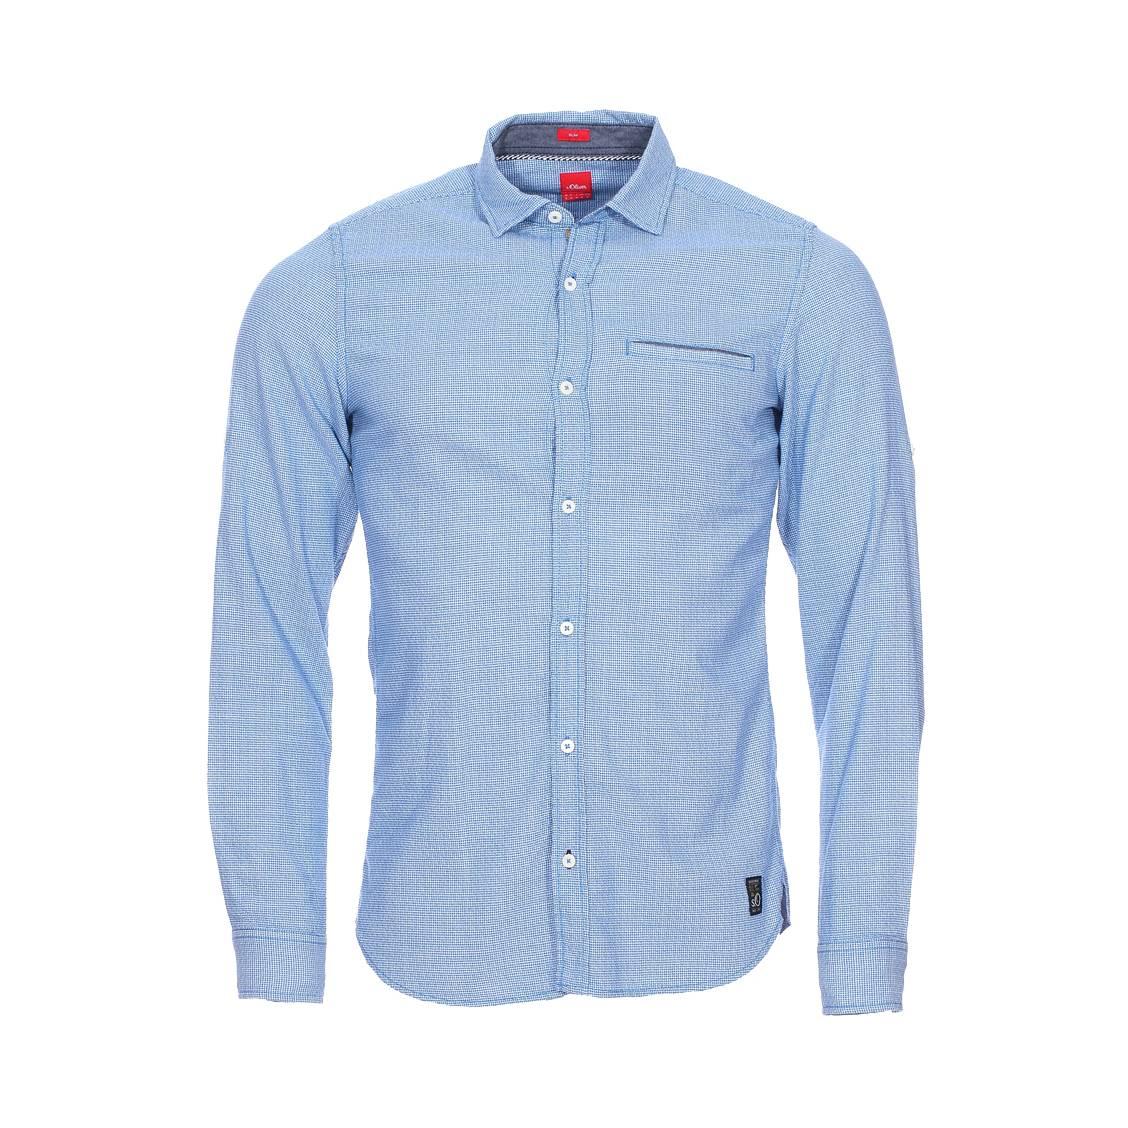 Chemise cintrée  en coton à petits carreaux bleus et blancs